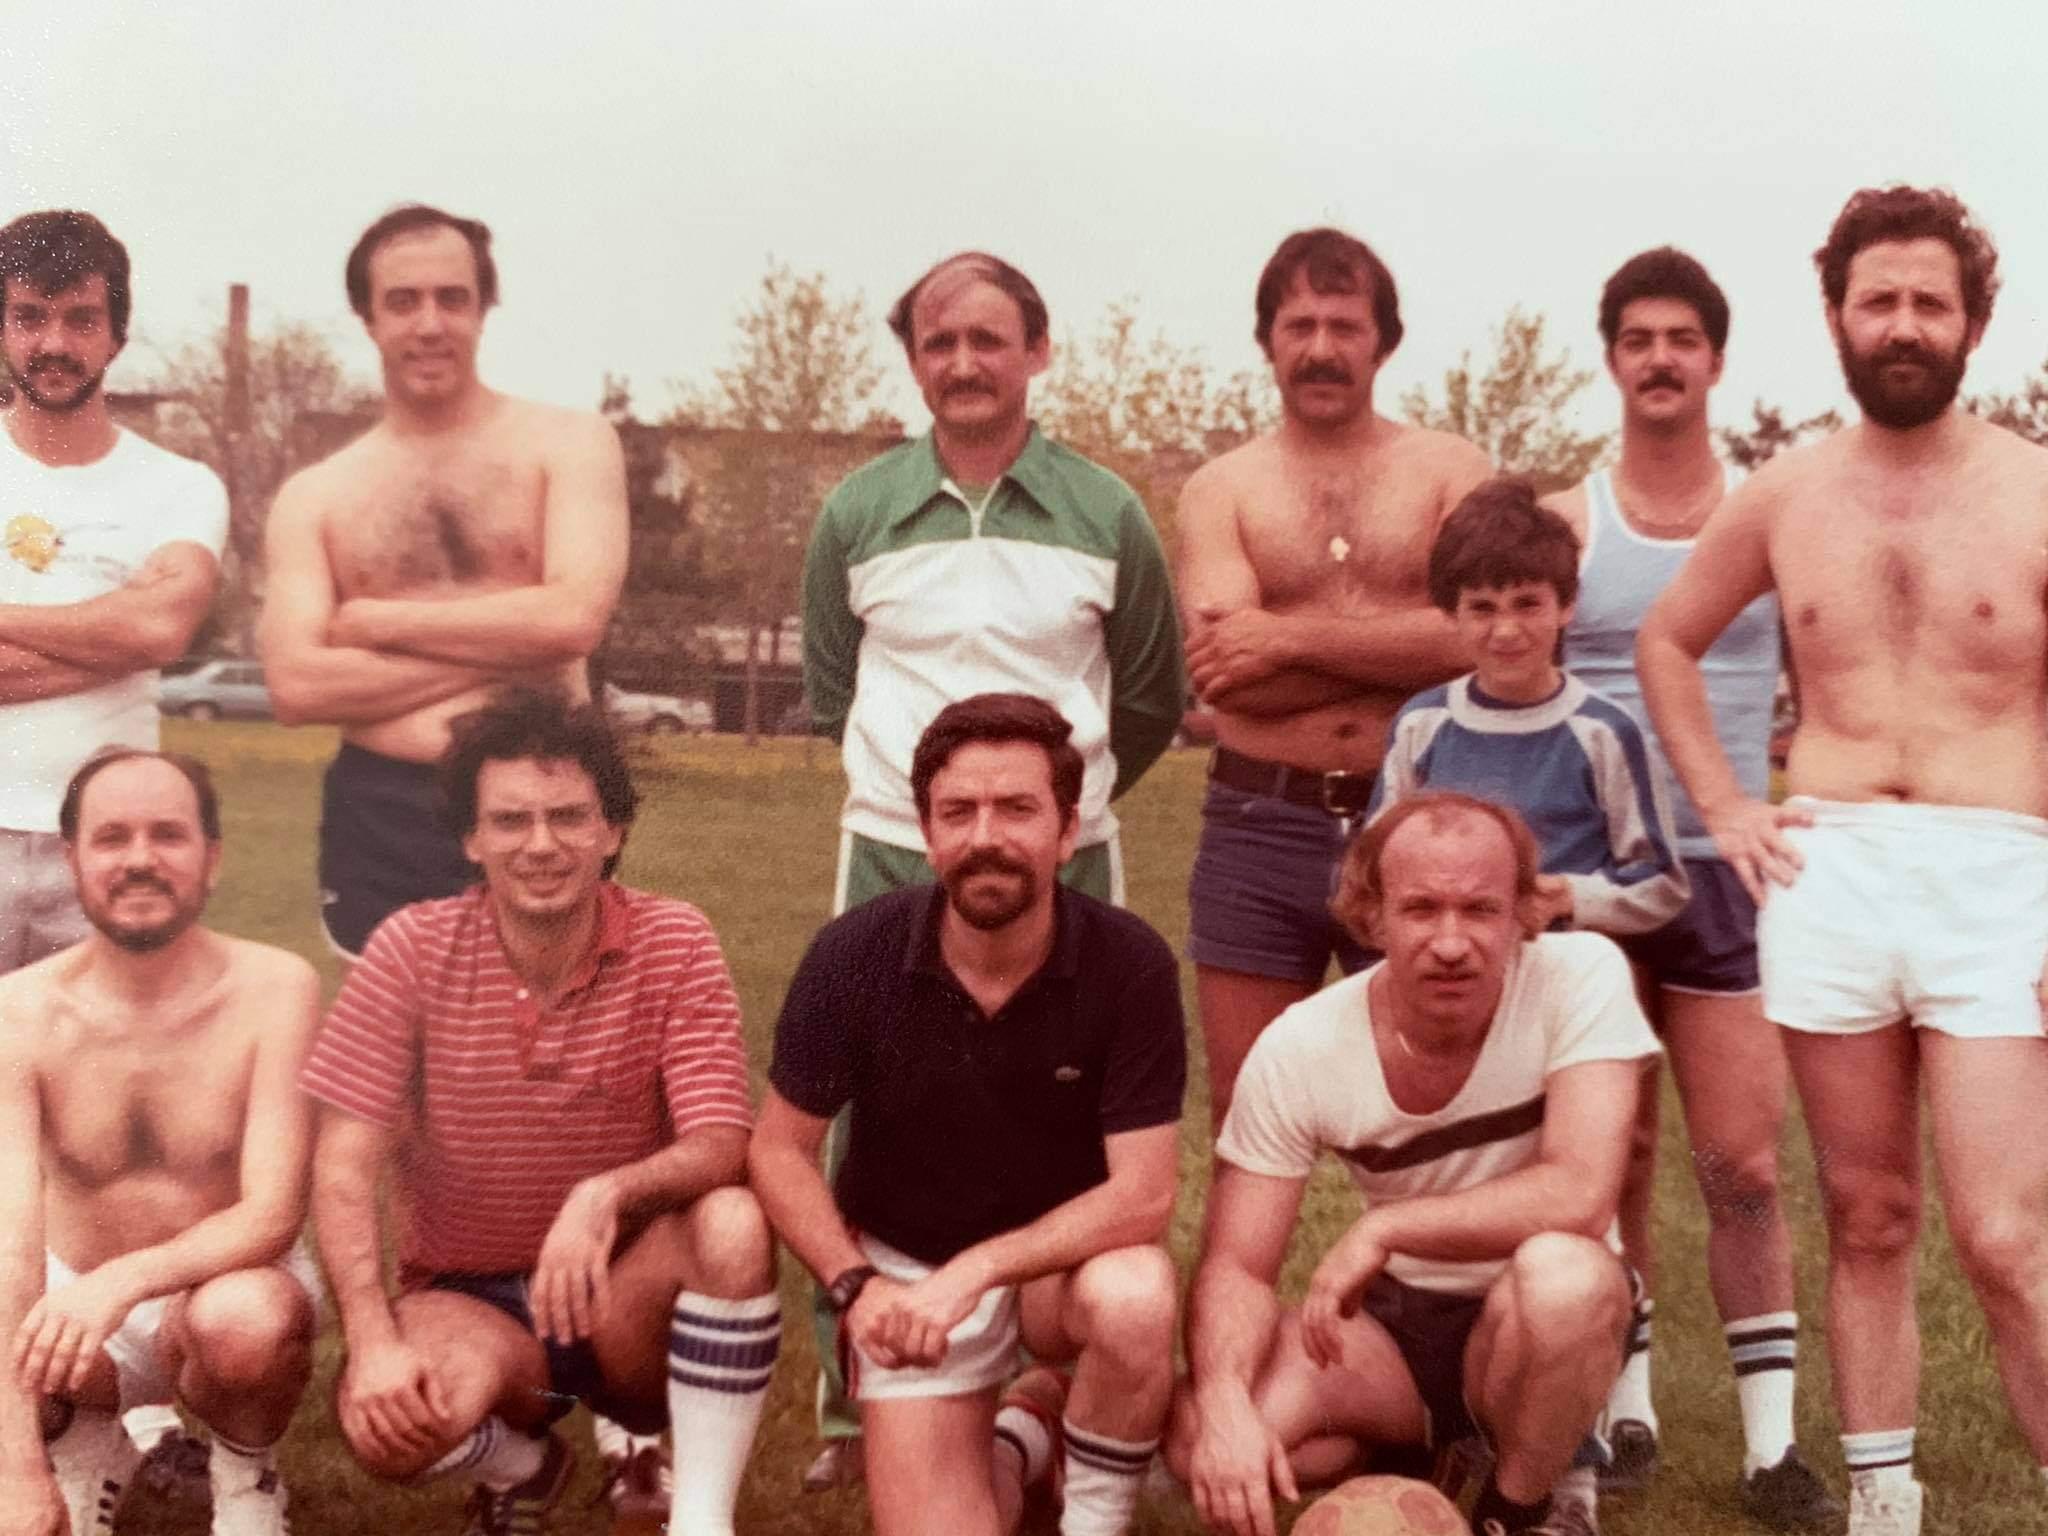 Σε αθλητική ομάδα ο Γιώργος Τόλης, τρίτος απο αριστερά στην κάτω σειρά. Μοντρεάλ (1982)